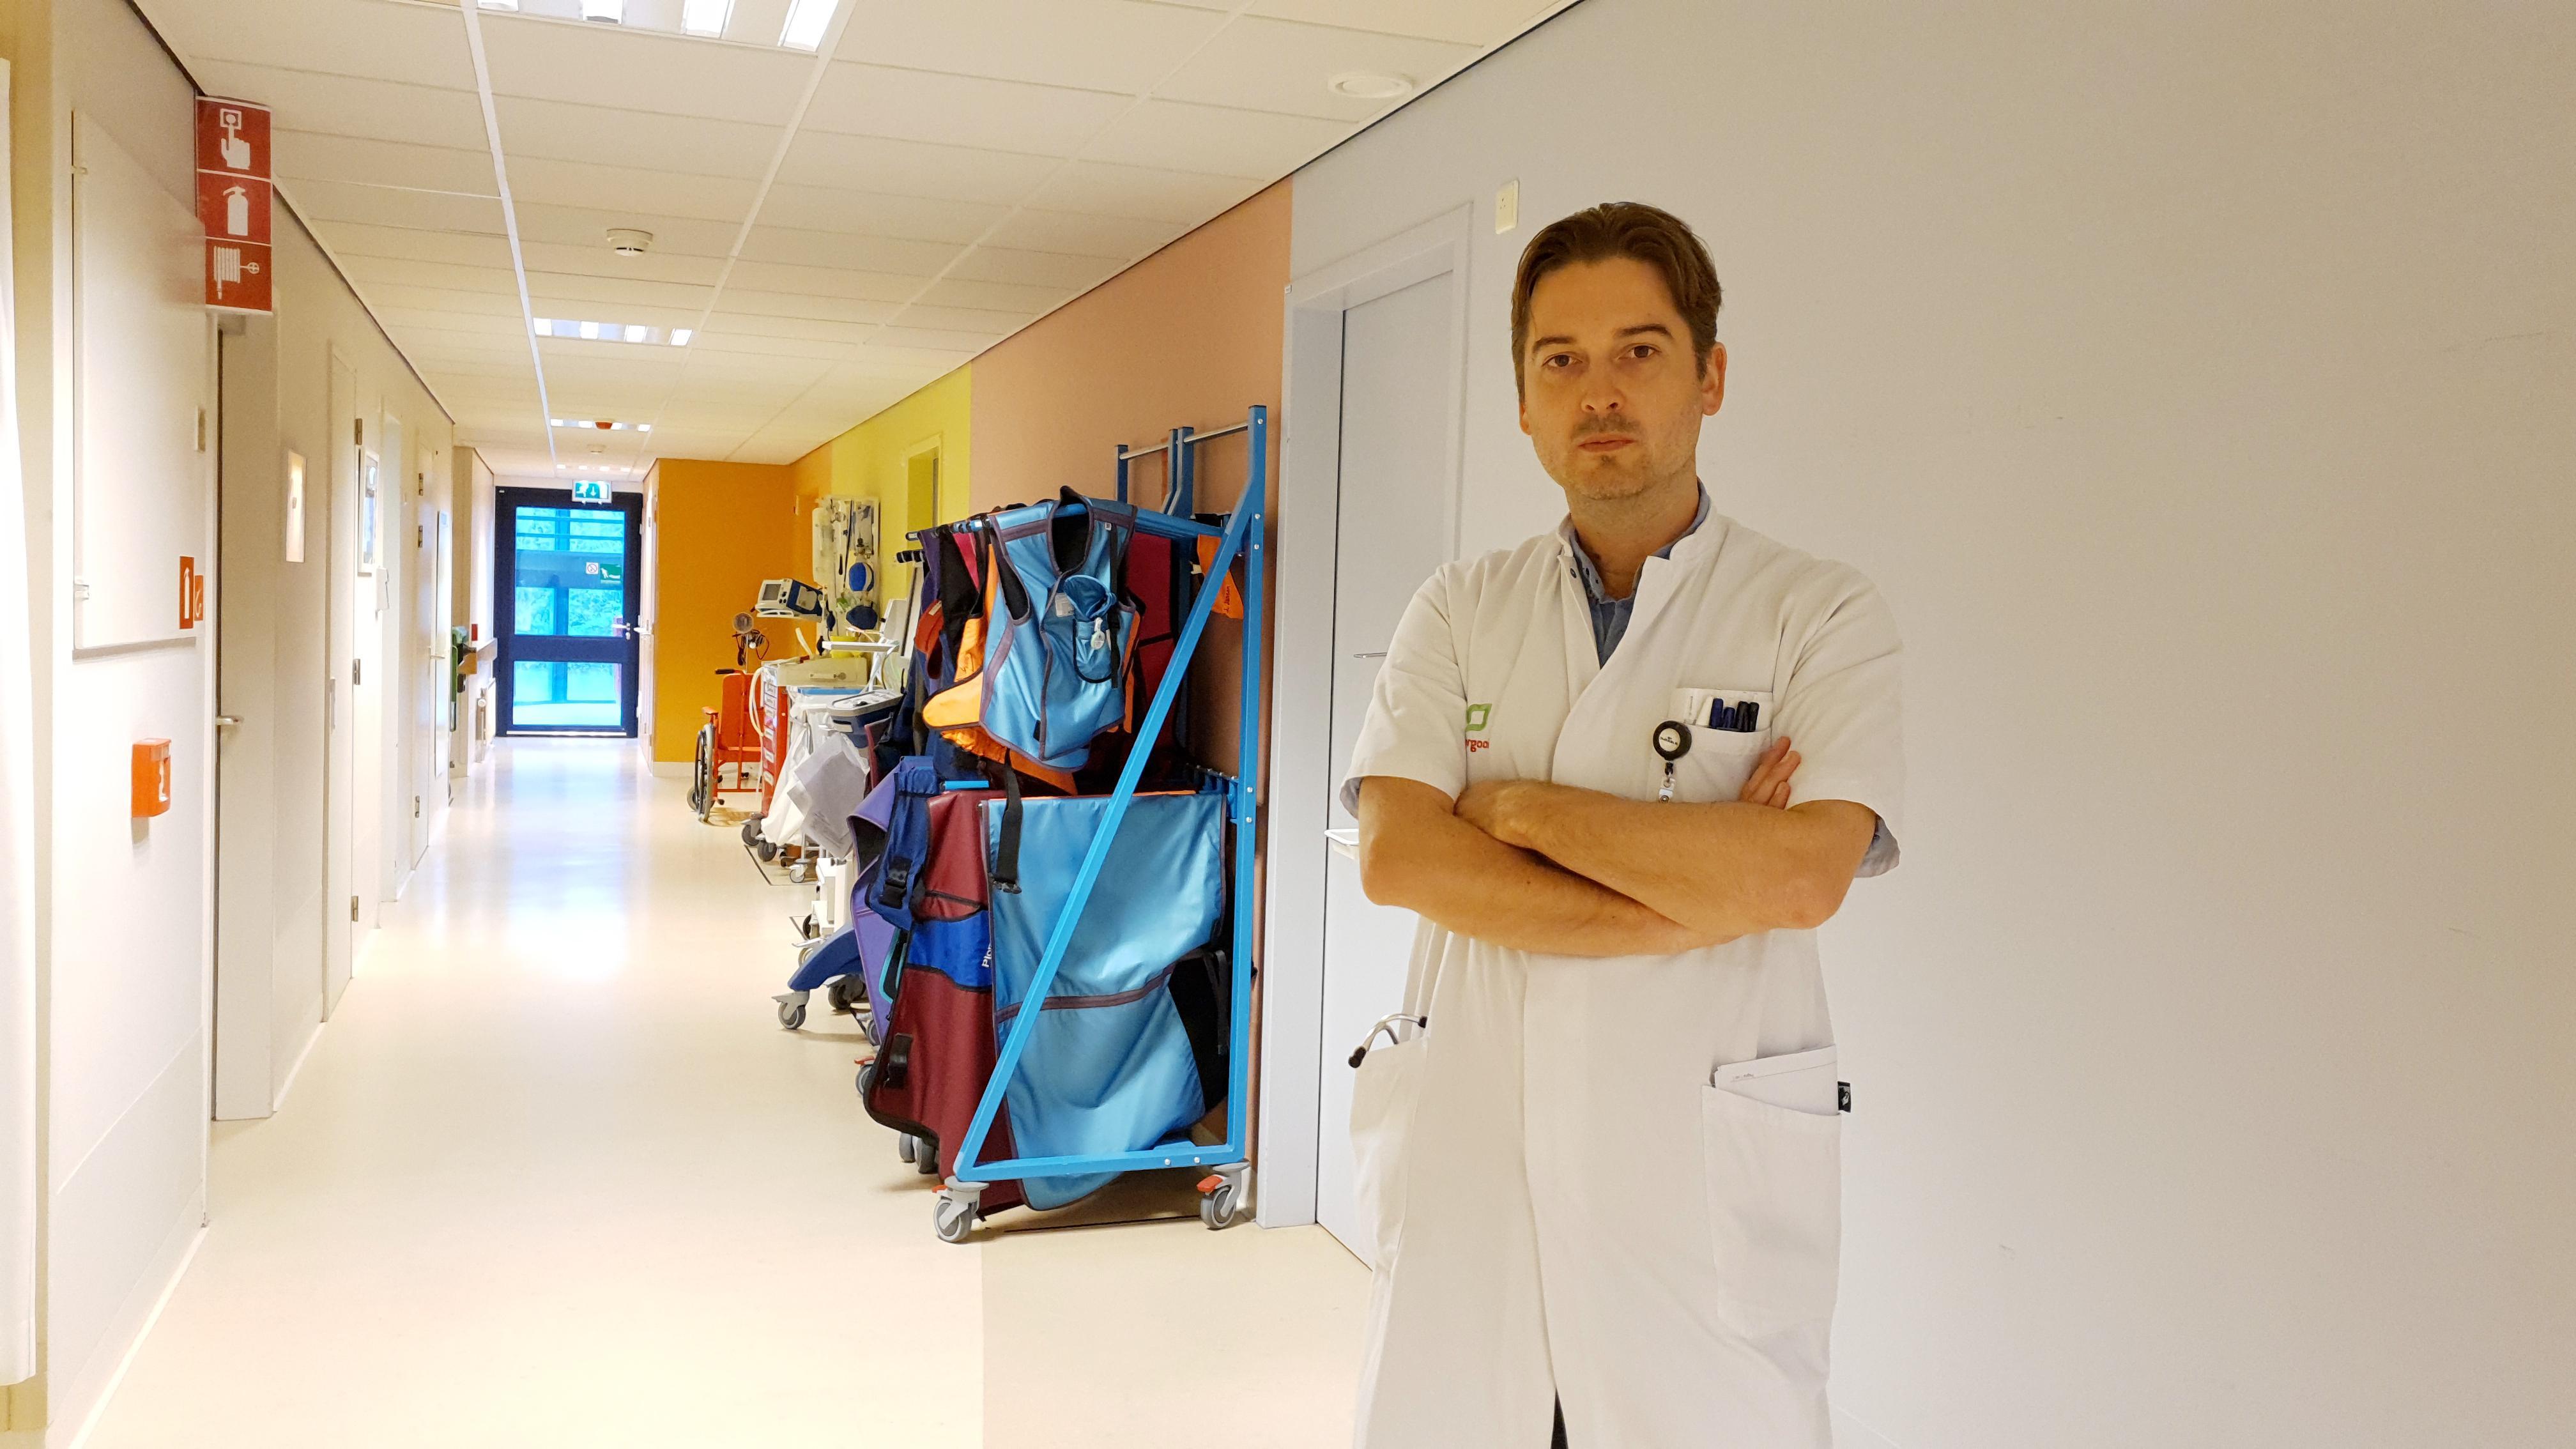 Specialisten en huisartsen slaan alarm om mensen die sinds de coronauitbraak zorg mijden: 'Waar zijn onze patiënten gebleven?' De eerste harthulp is leeg